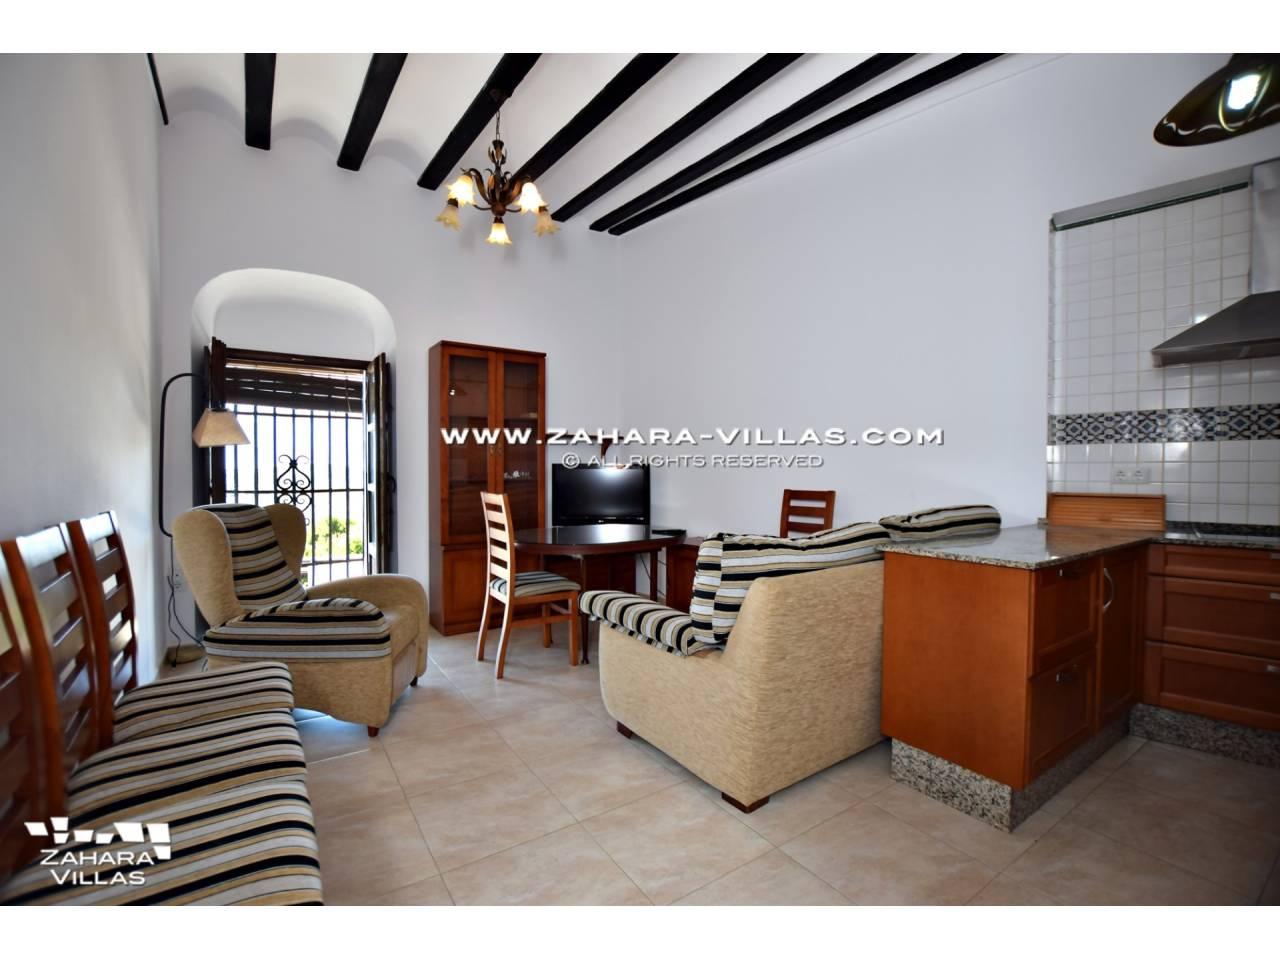 Imagen 8 de Apartamento y Estudio en pleno centro